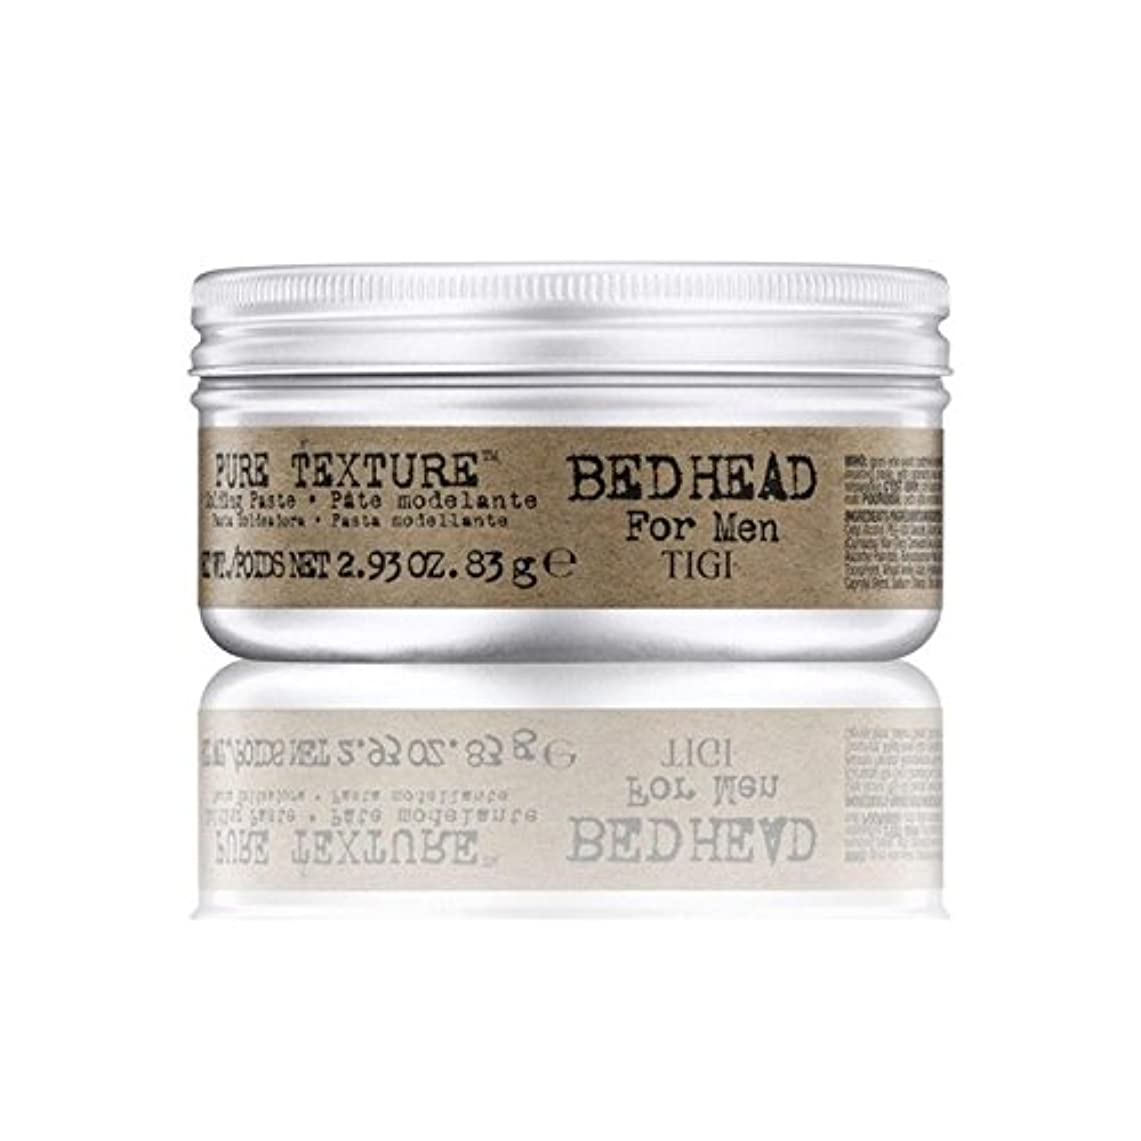 対称アサー赤面男性の純粋なテクスチャーモールディングペースト(83グラム)のためのティジーベッドヘッド x4 - Tigi Bed Head For Men Pure Texture Molding Paste (83G) (Pack...